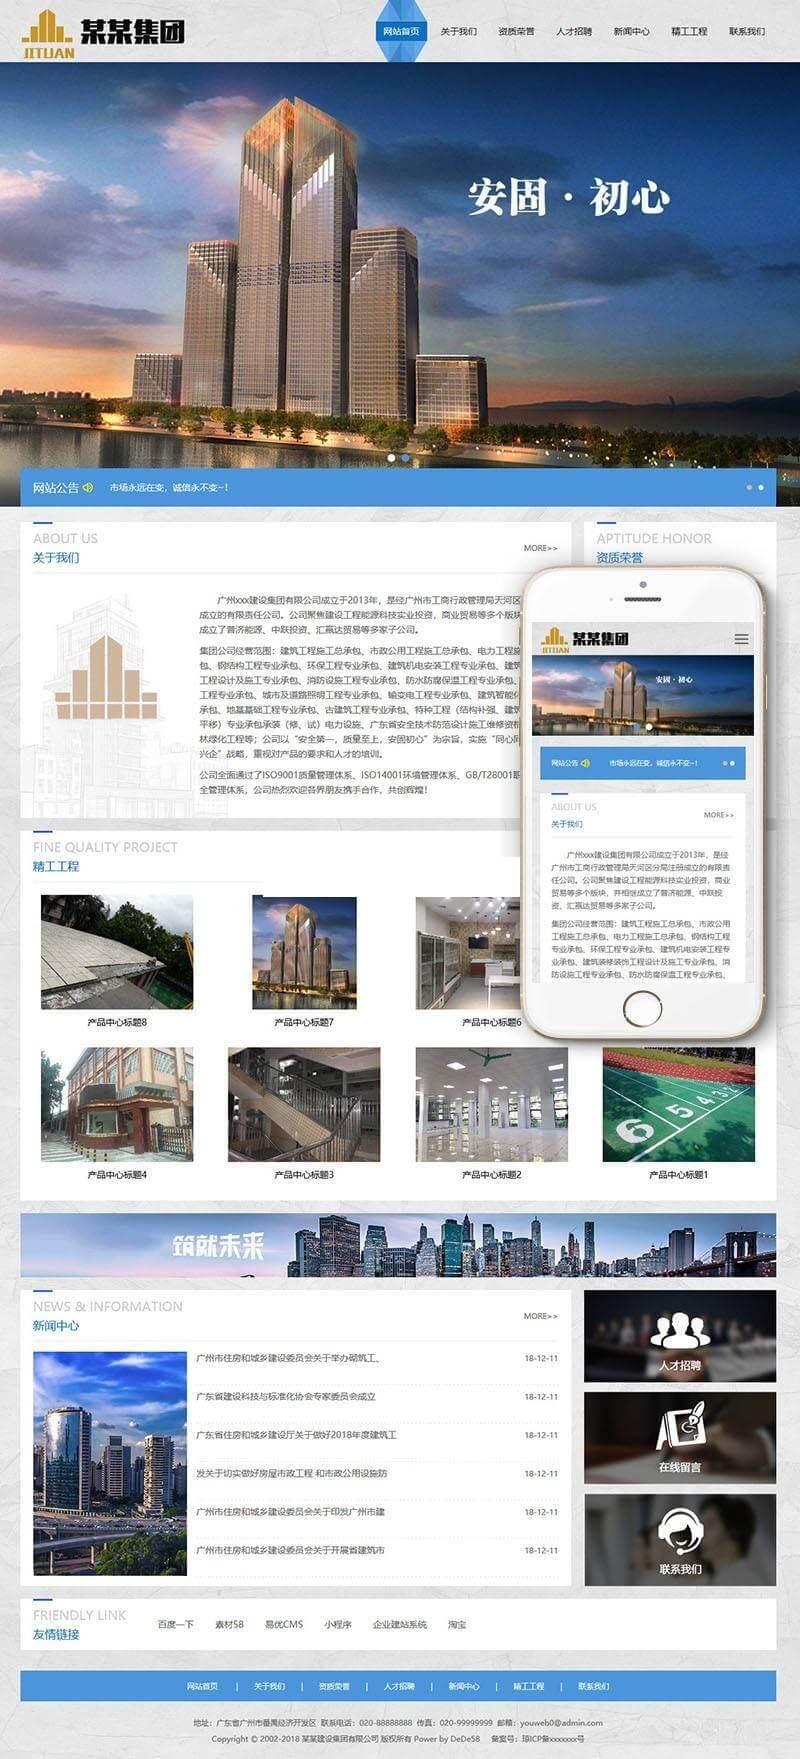 【织梦模板下载】响应式建筑工程施工类vip精品网站模板(自适应手机端)商业源码